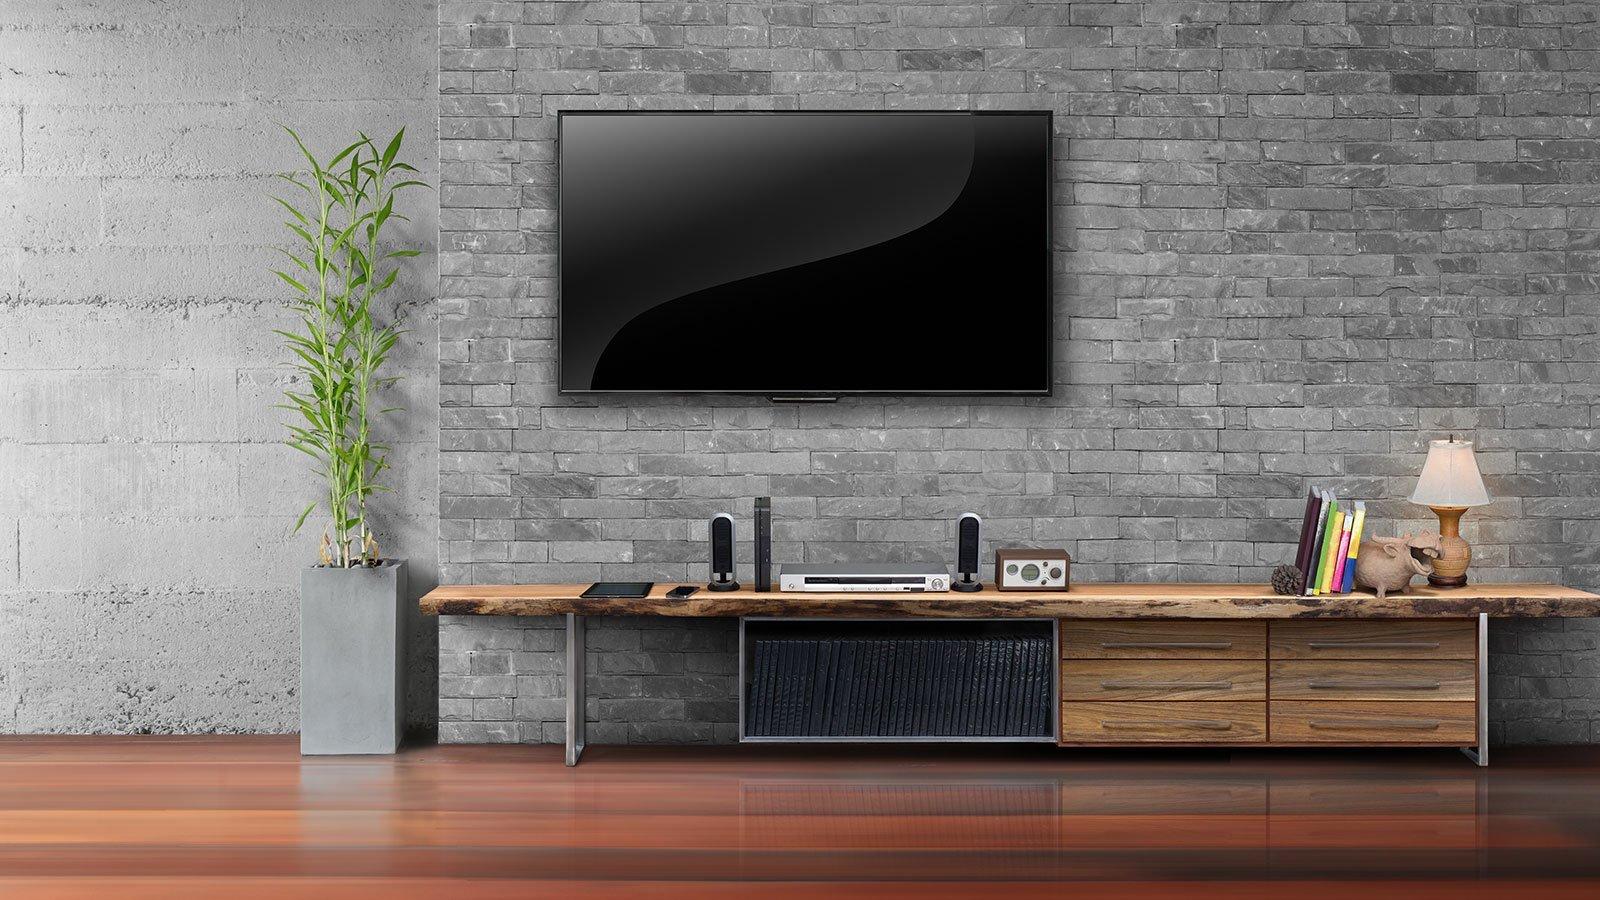 una TV a muro e sotto un mobile in legno